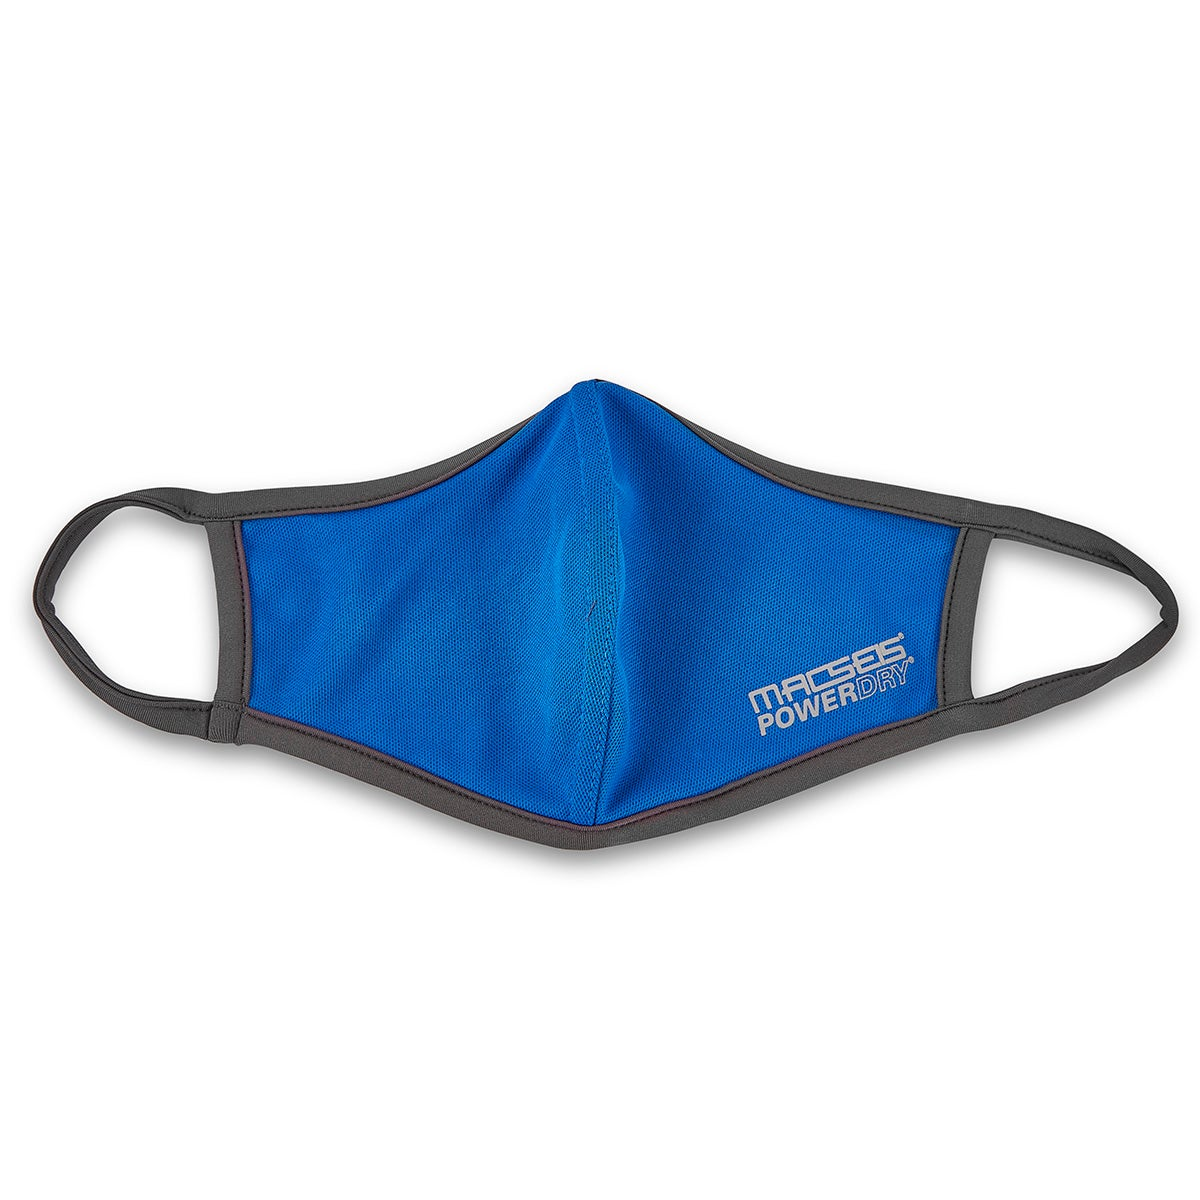 Unisex Macseis PowdeDry Mask -Royal Blue Large